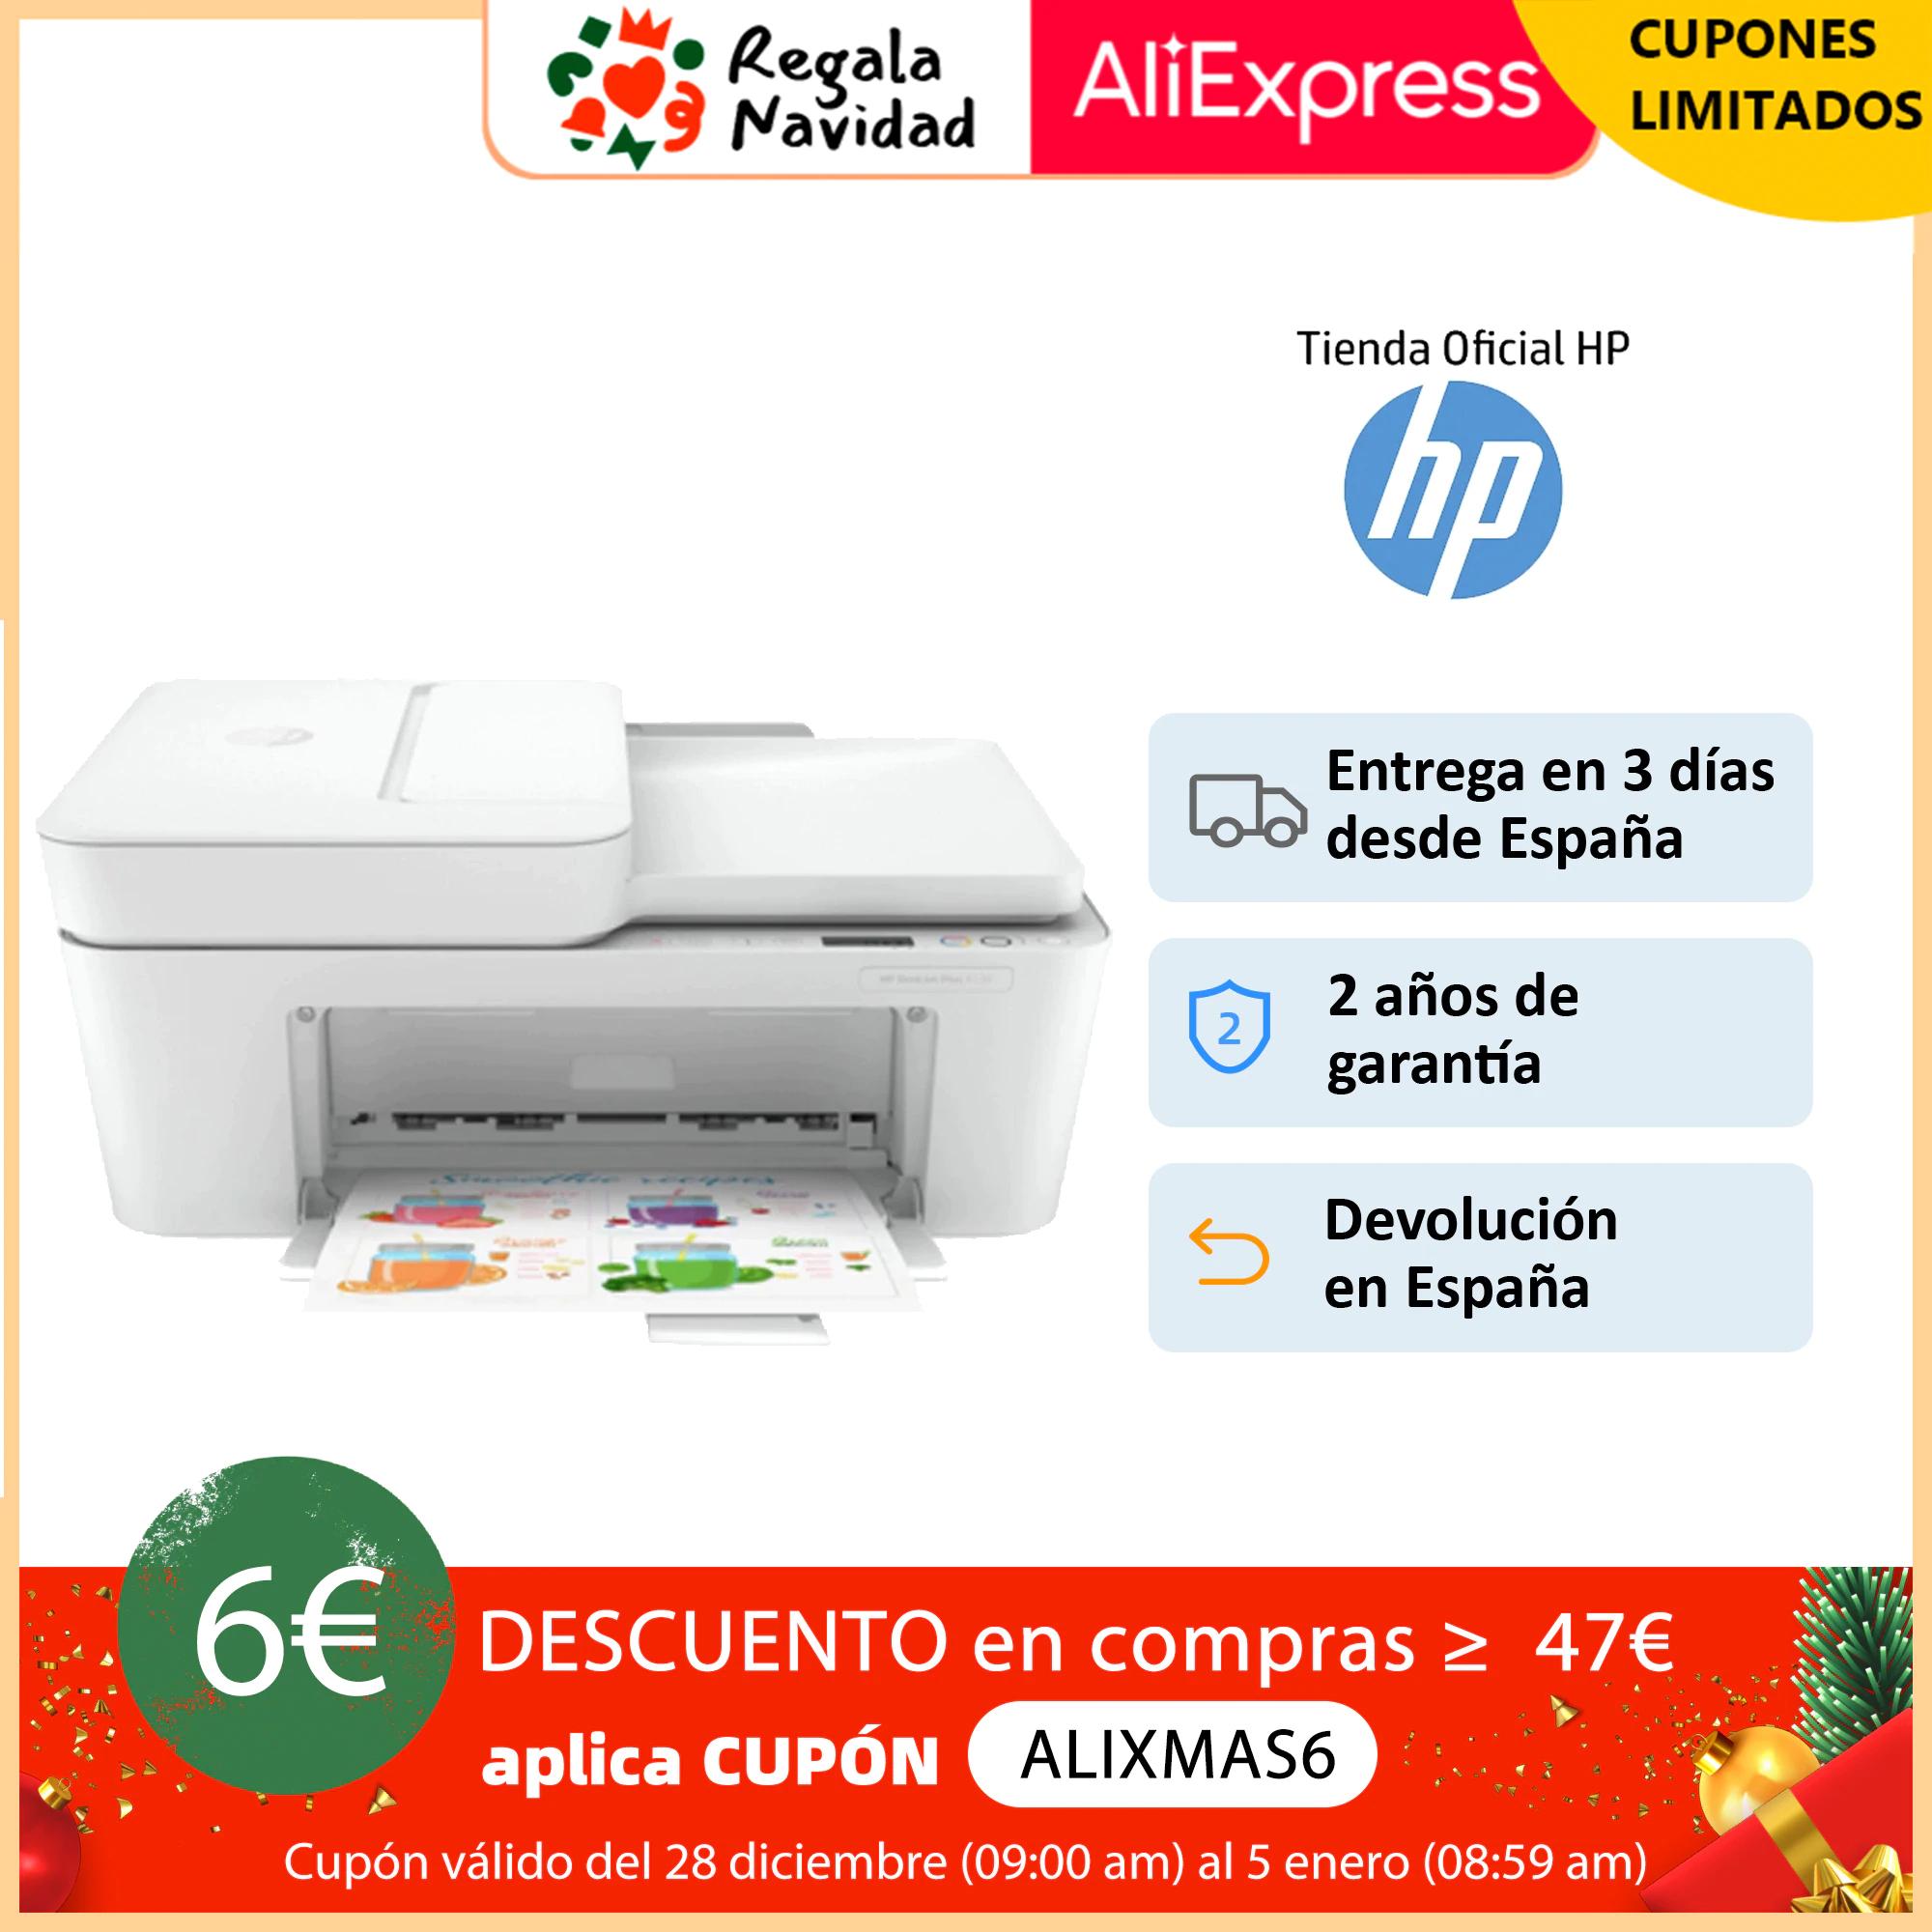 Impresora multifunción de tinta HP DeskJet Plus 4120 (3XV14B): Imprime, escanea y copia - compatible con Instant Ink